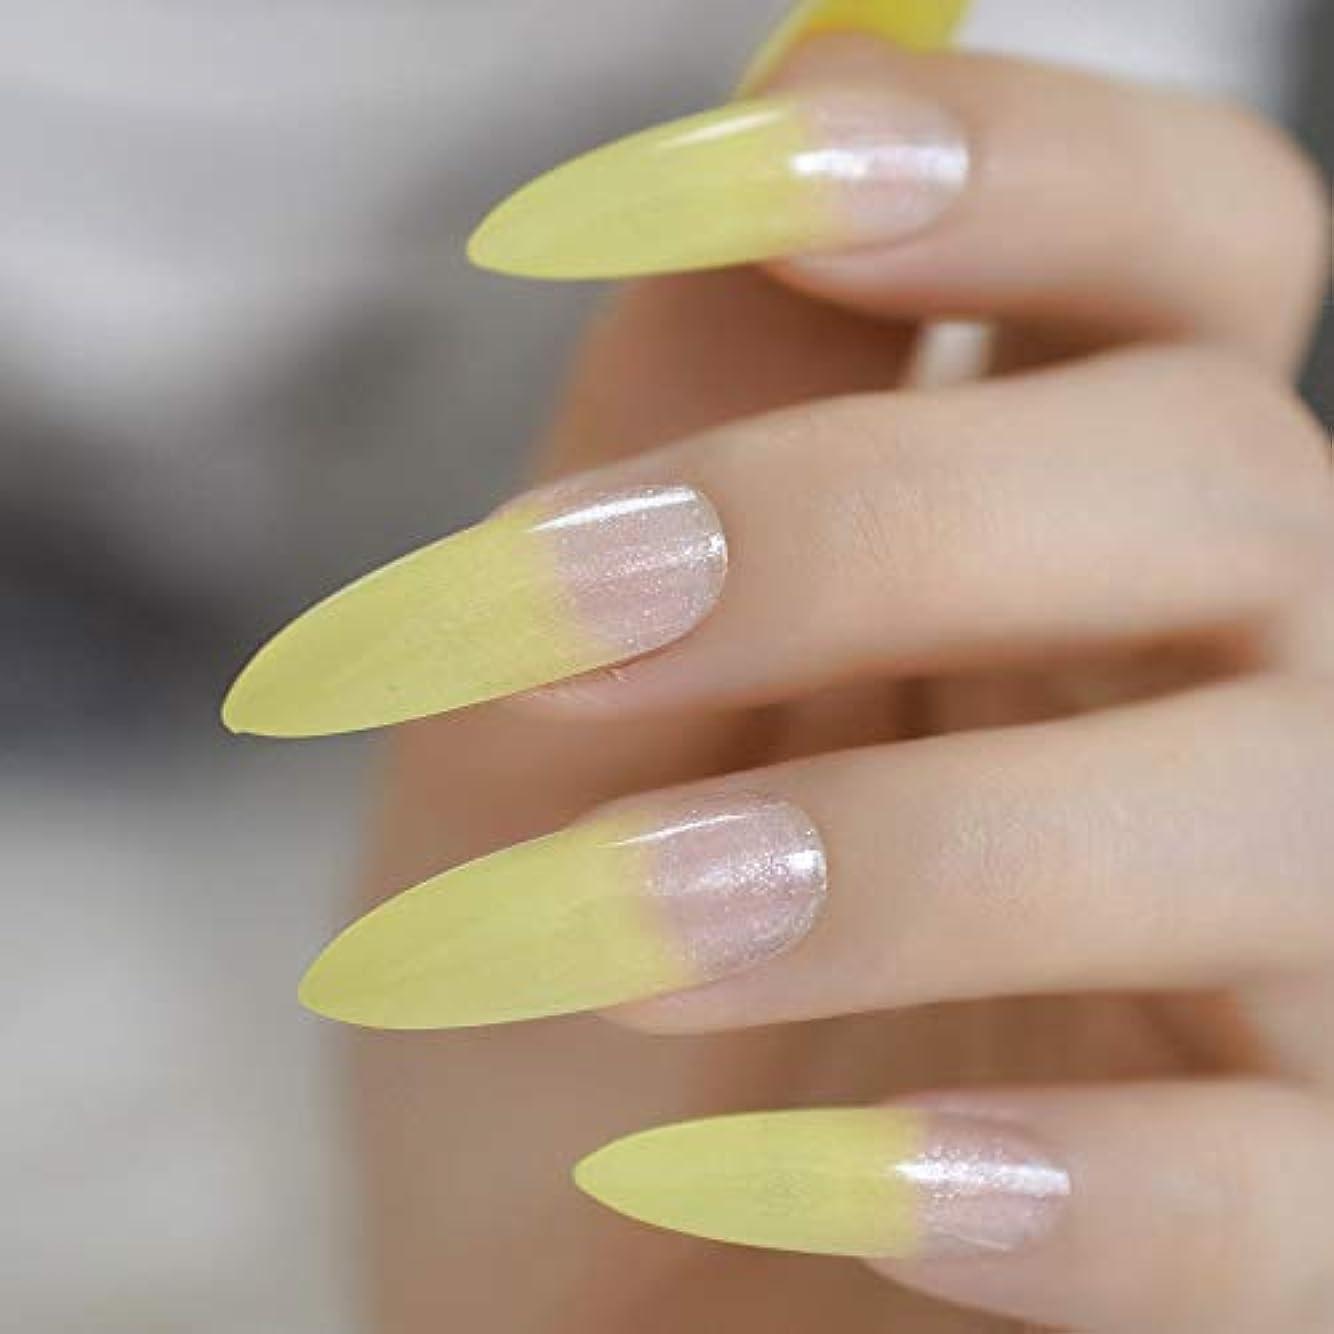 導出心理学権限を与えるXUTXZKA 偽の指の爪のエクステンションデコに余分な長い爪の明るい黄色のグラデーションプレス